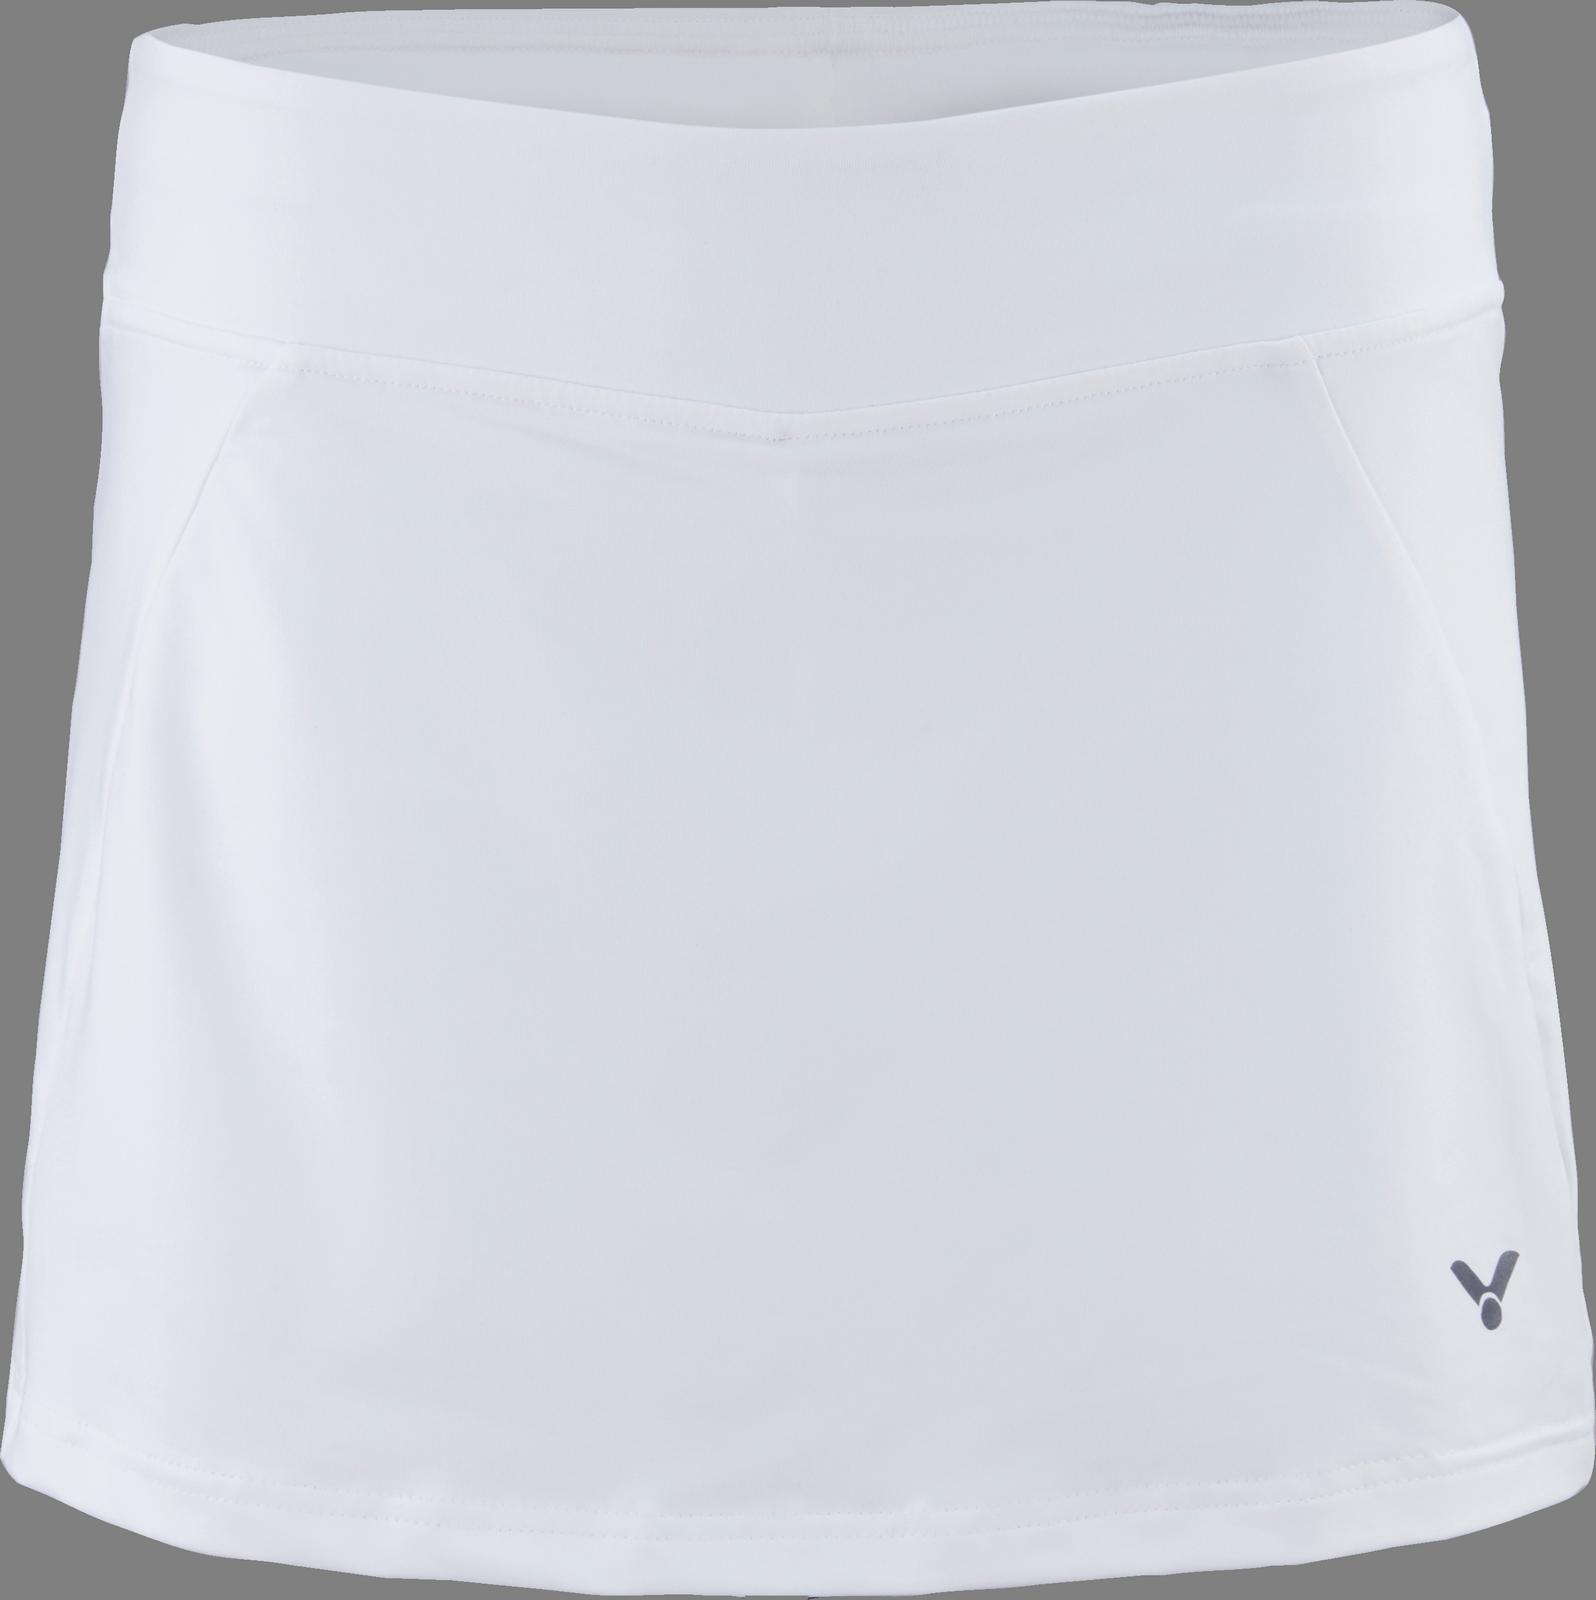 VICTOR Skirt 4188 weiß